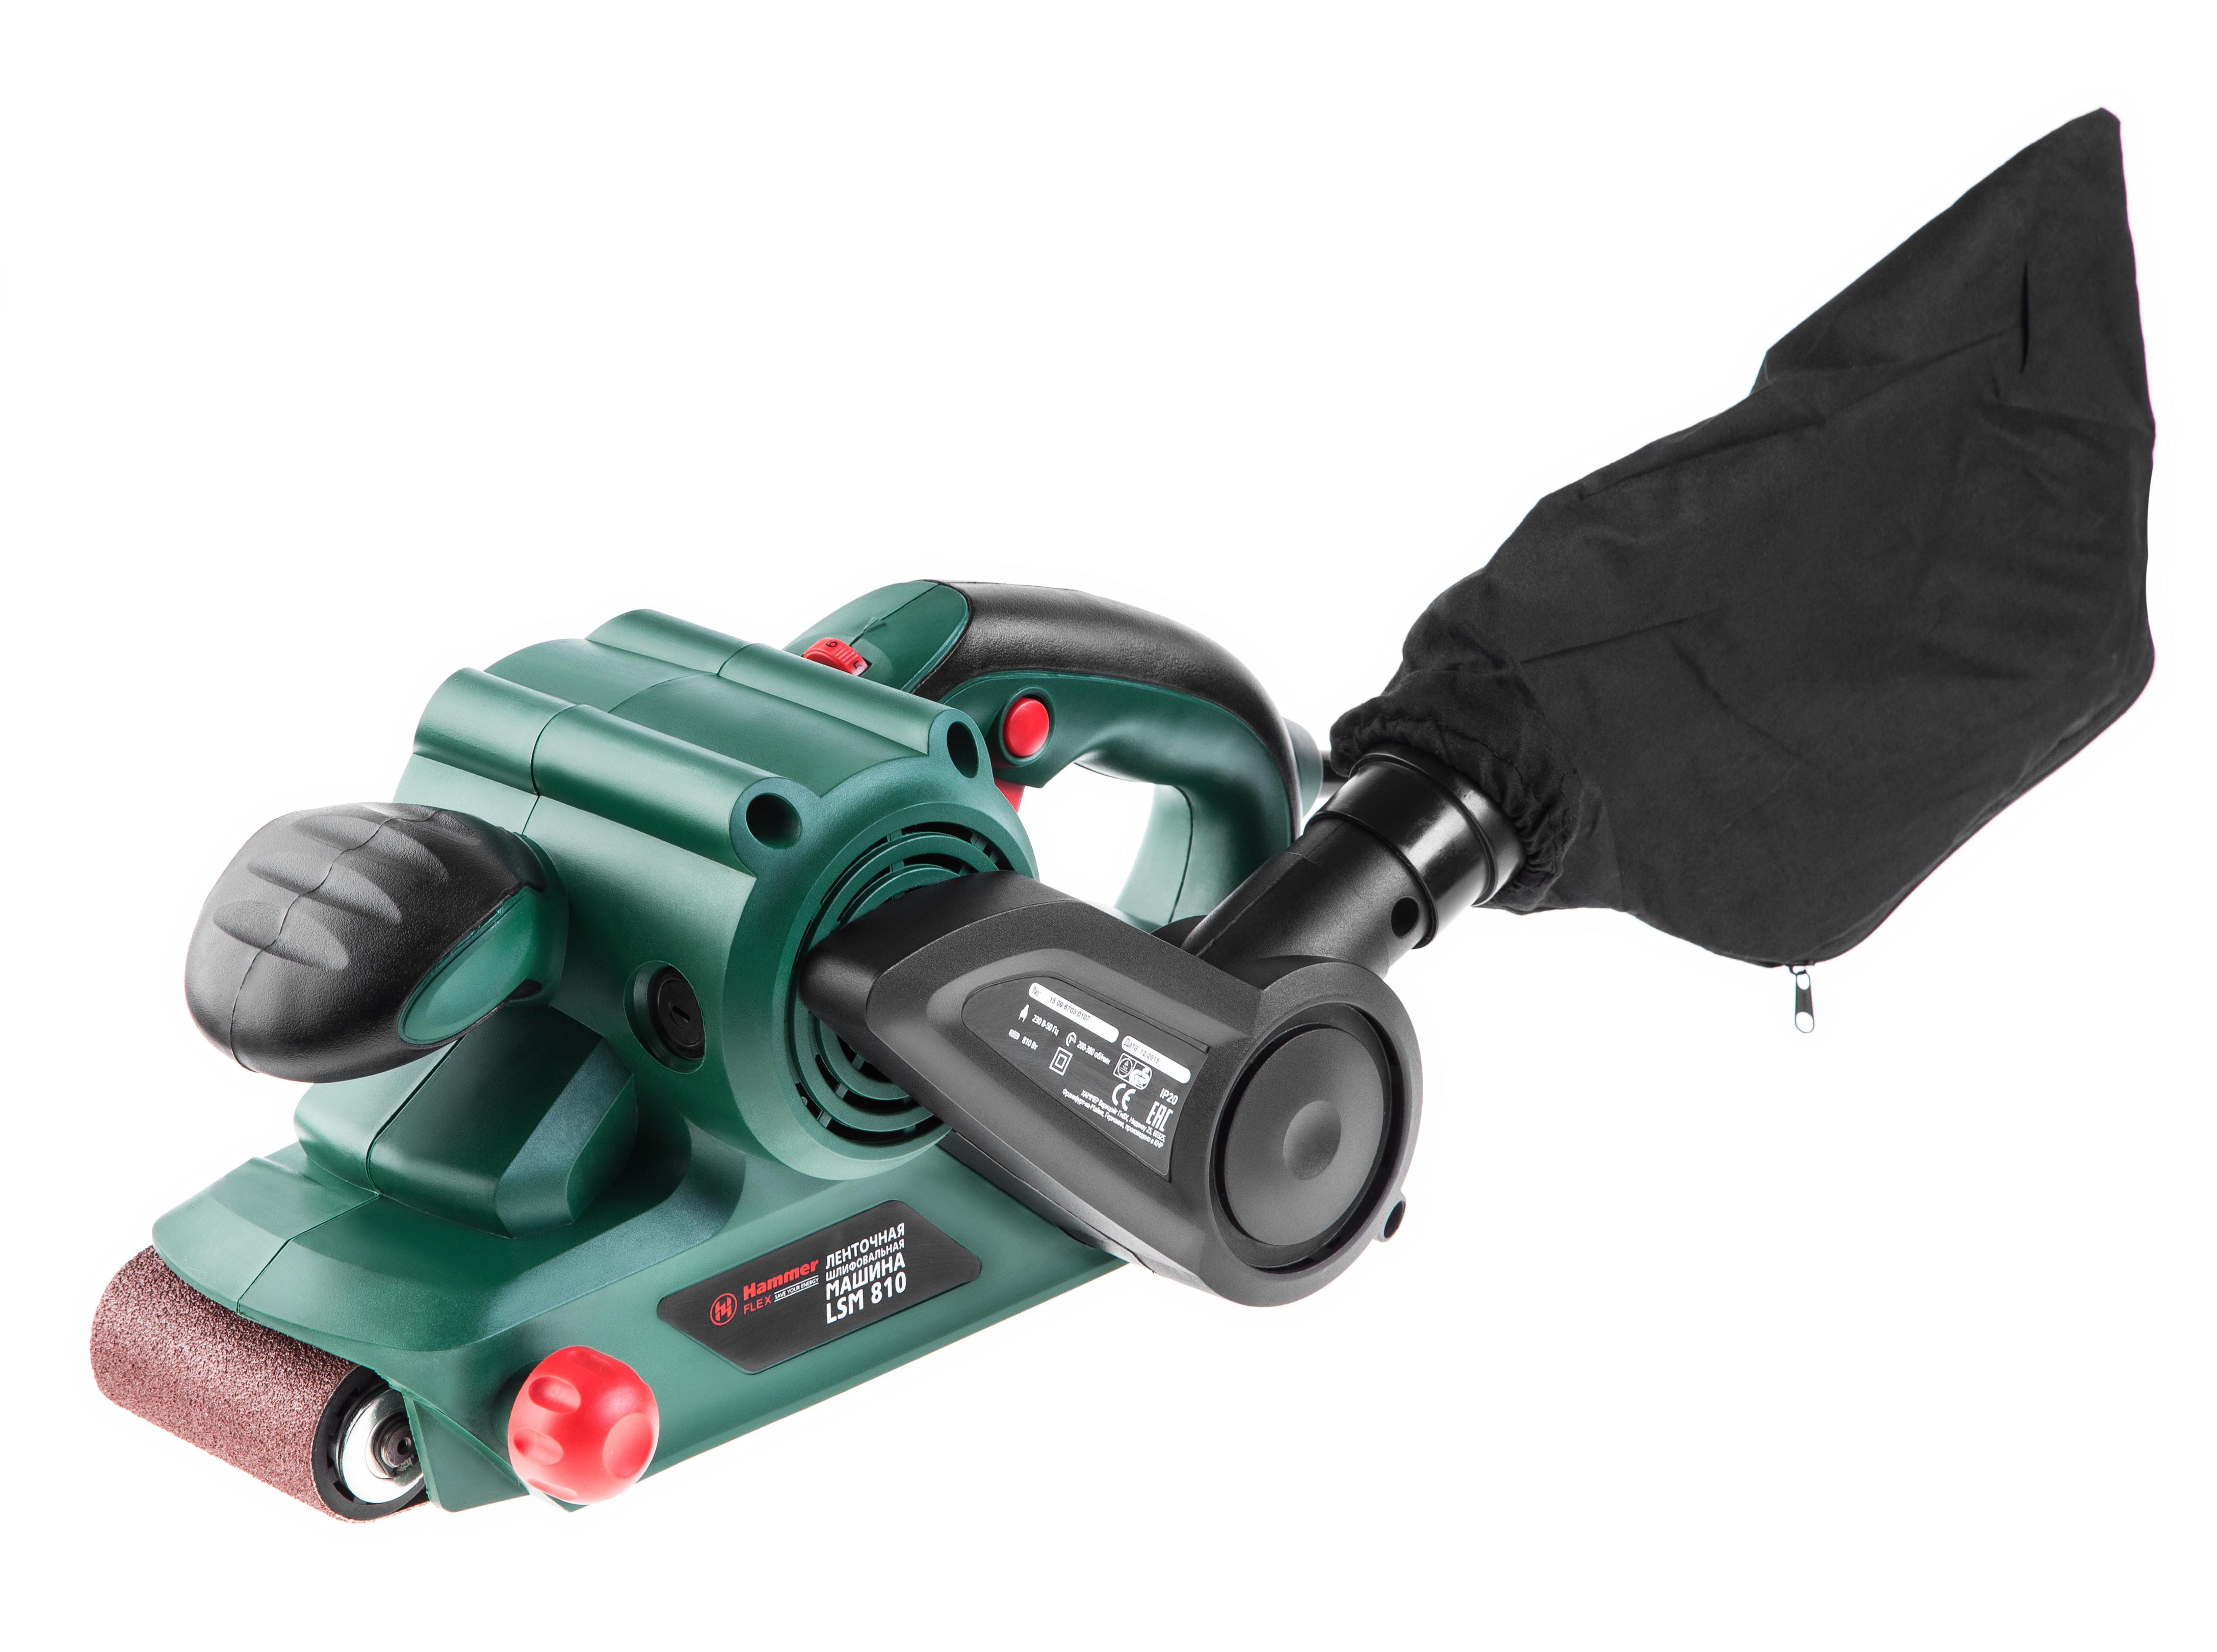 Машинка шлифовальная ленточная Hammer Lsm810